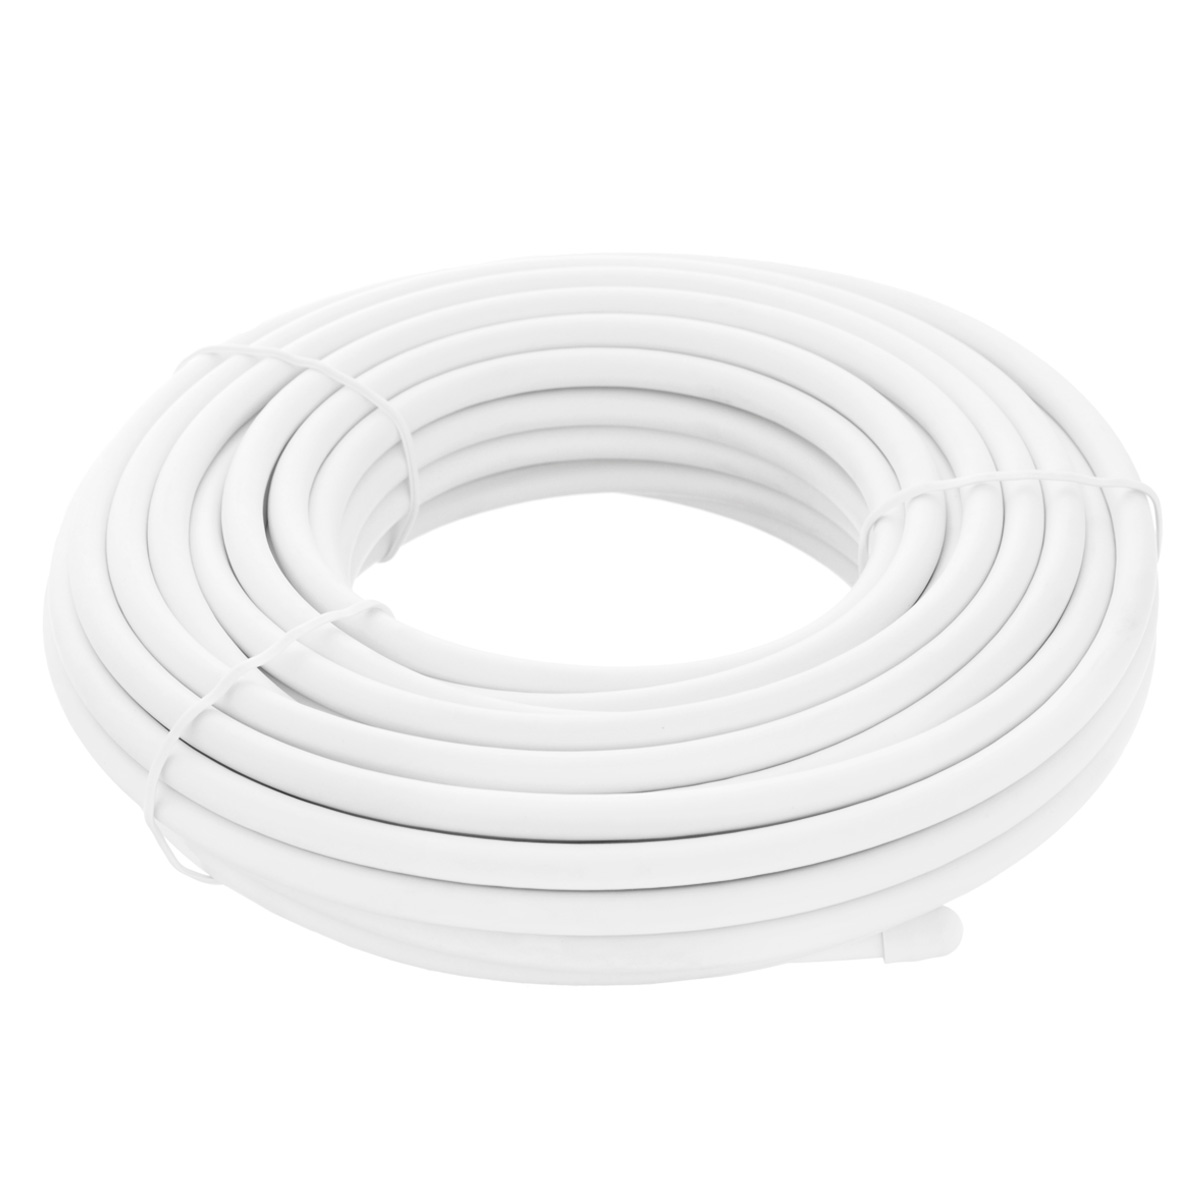 Vivanco Promo Stick кабель антенный, 15 м цена и фото